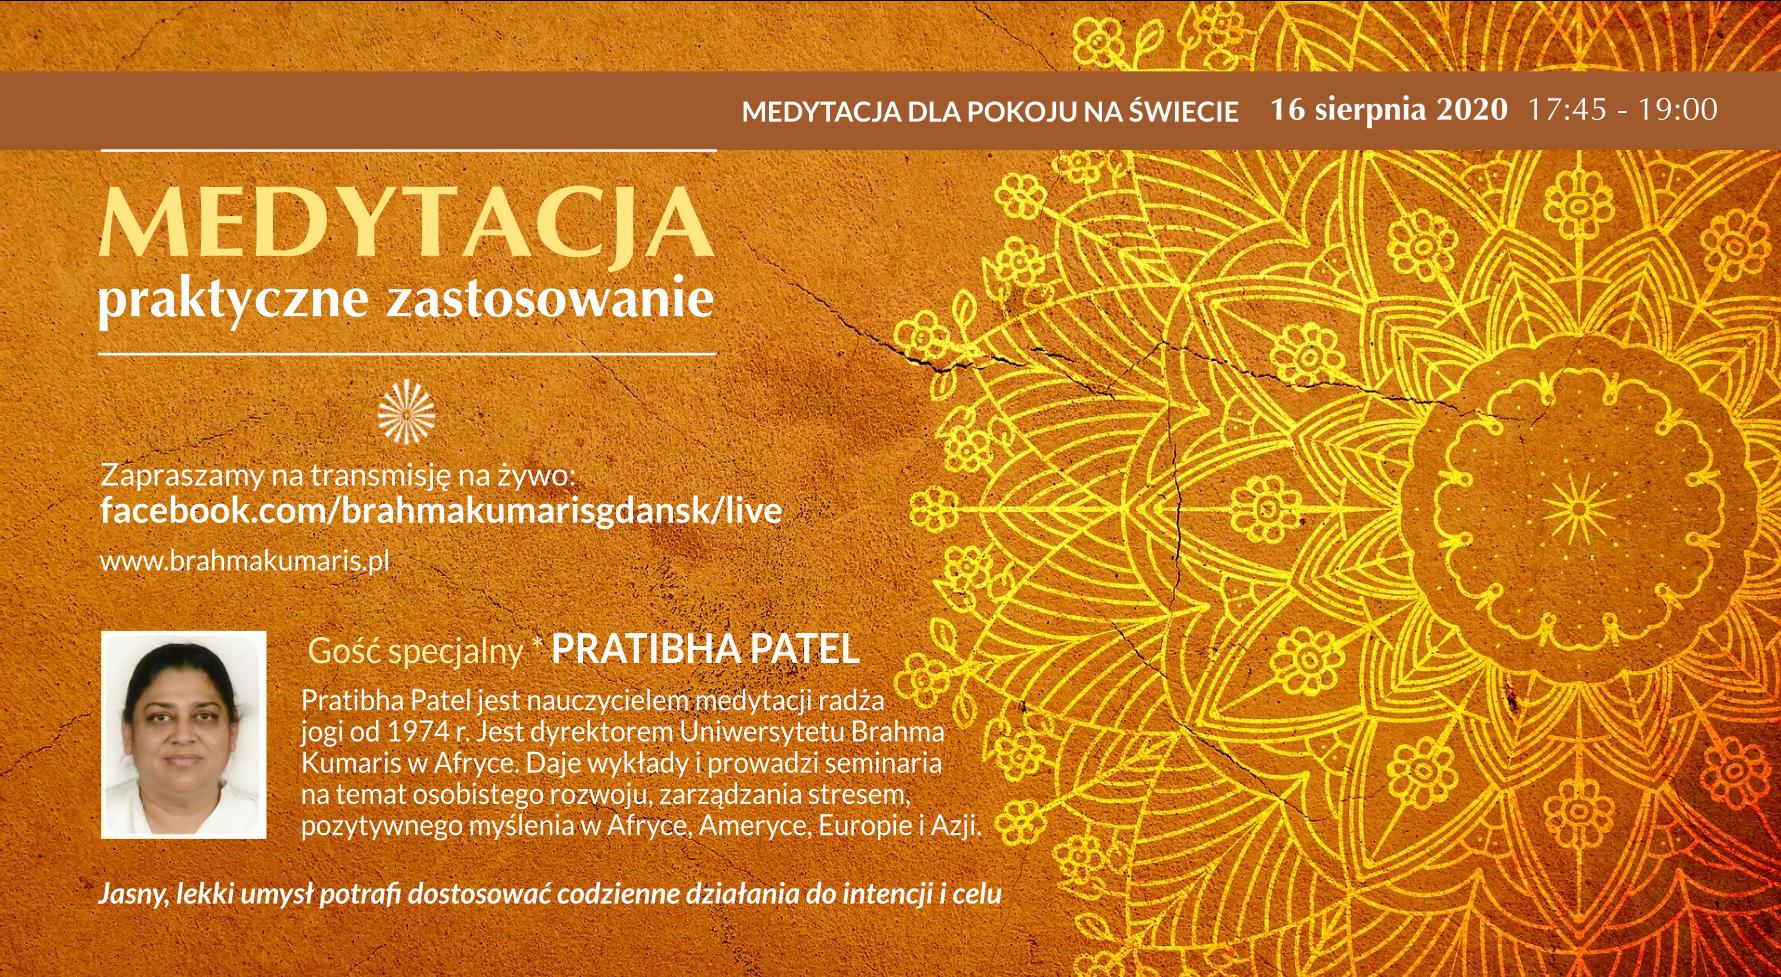 Medytacja - praktyczne zastosowanie. Spotkanie online z Pratibhą Patel w ramach Medytacji dla pokoju na świecie @ Ośrodek Brahma Kumaris Gdańsk FB @brahmakumarisgdansk